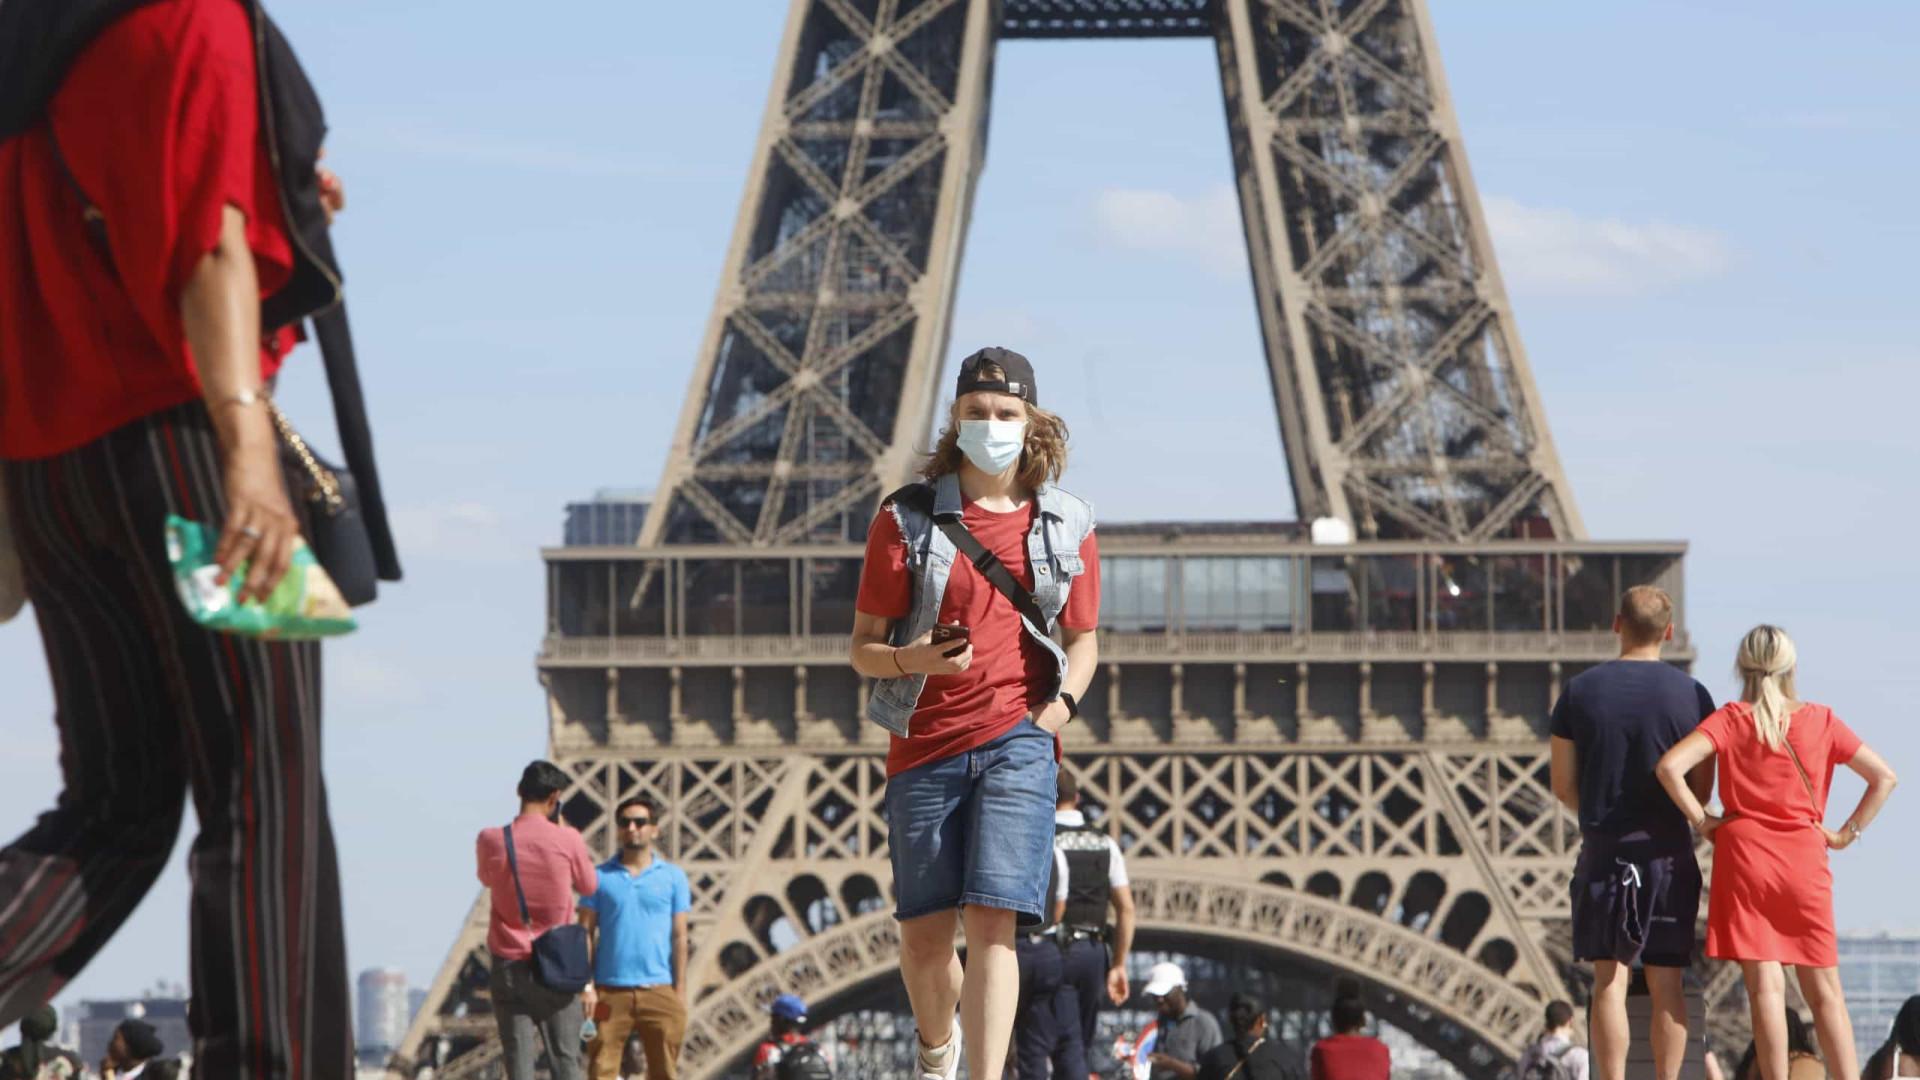 França registra 1.346 novos casos de Covid-19 em apenas 24 horas